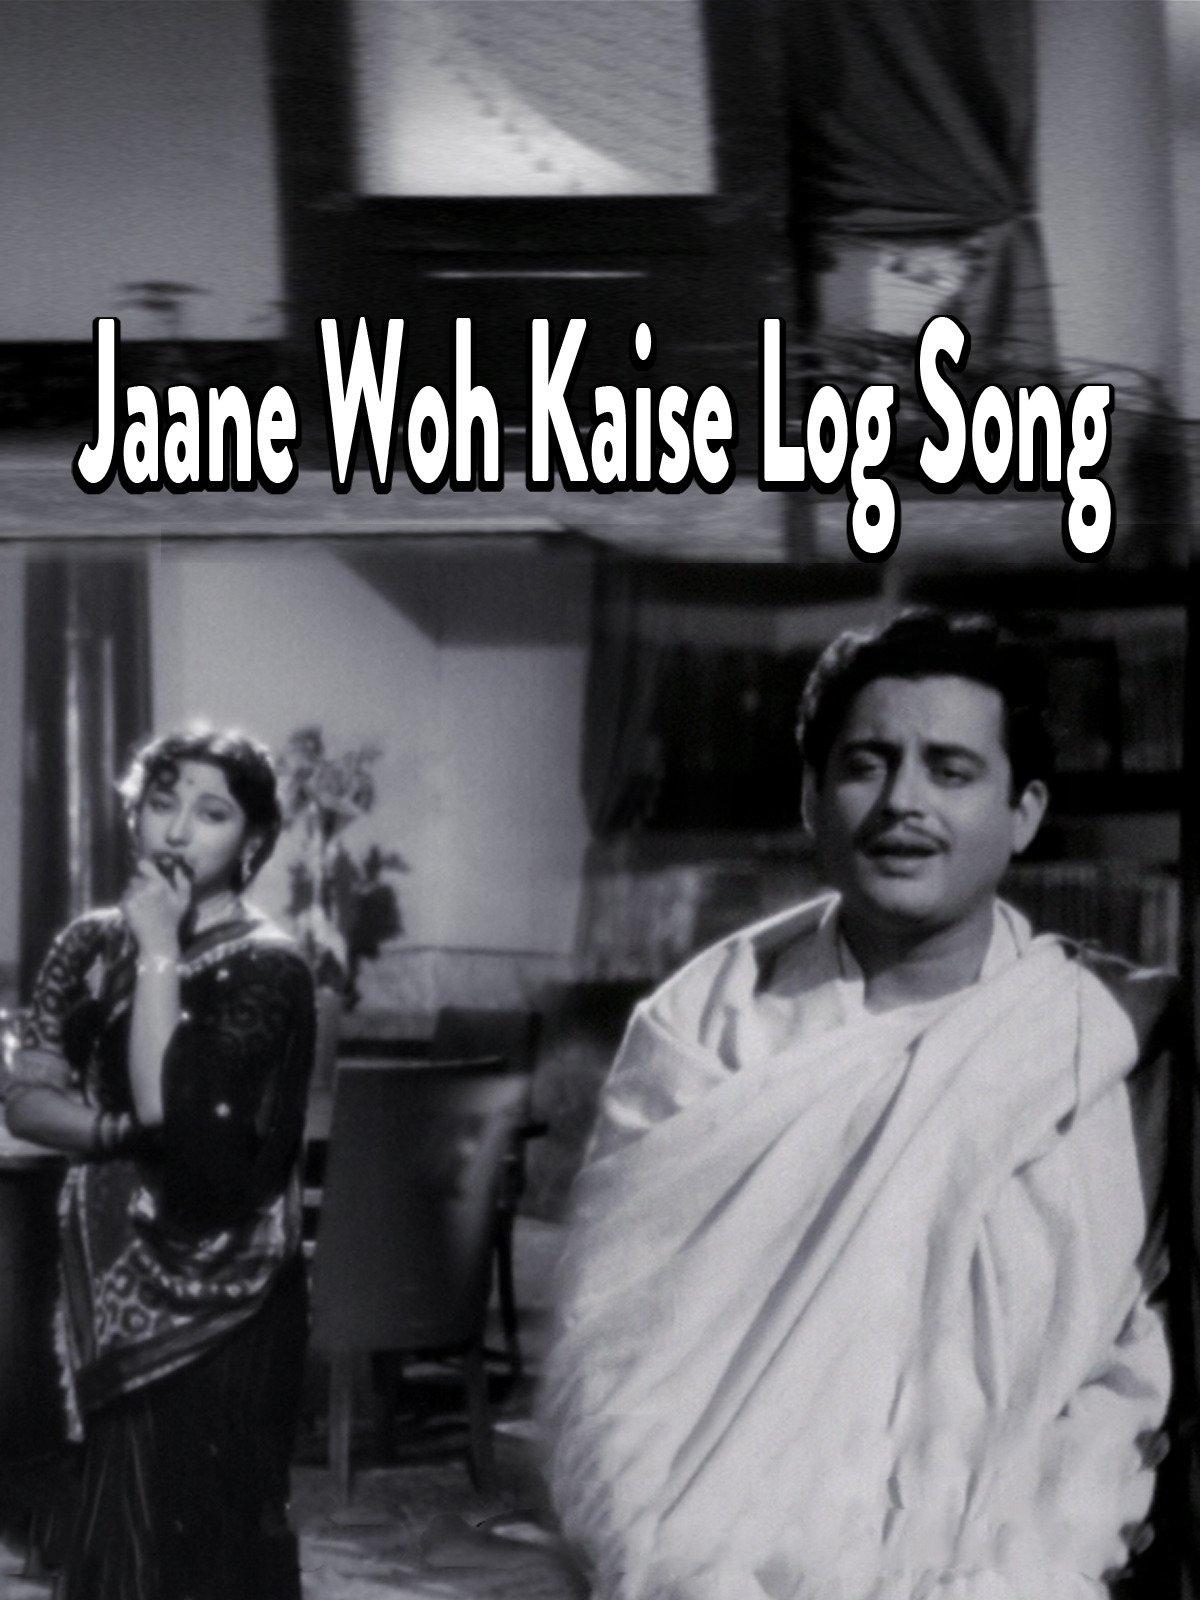 Jaane Wo Kaise Log Song